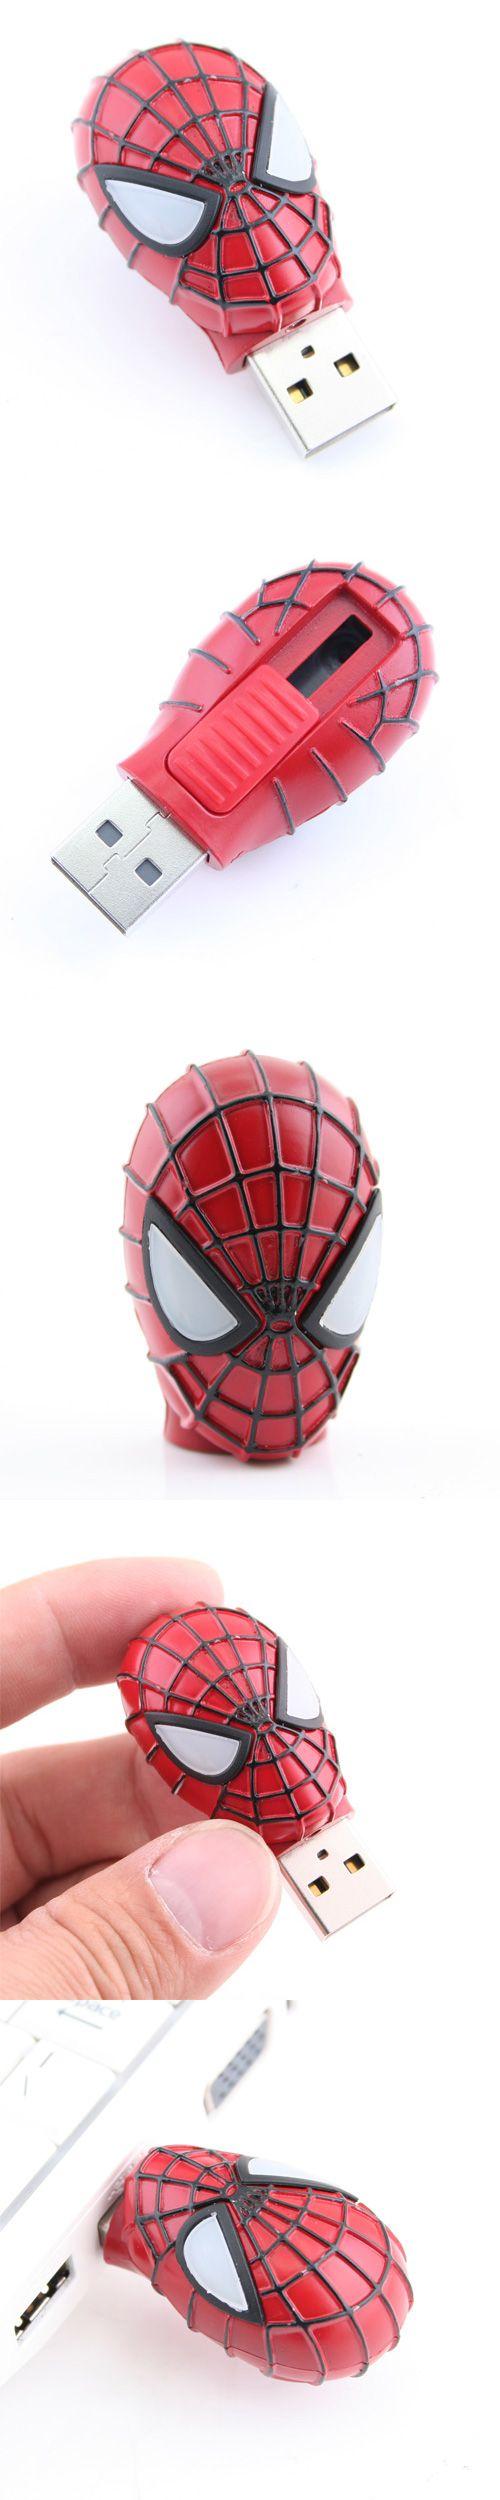 Spider-Man 2 USB Flash Drive http://www.usbgeek.com/products/spiderman2-usb-flash-drive